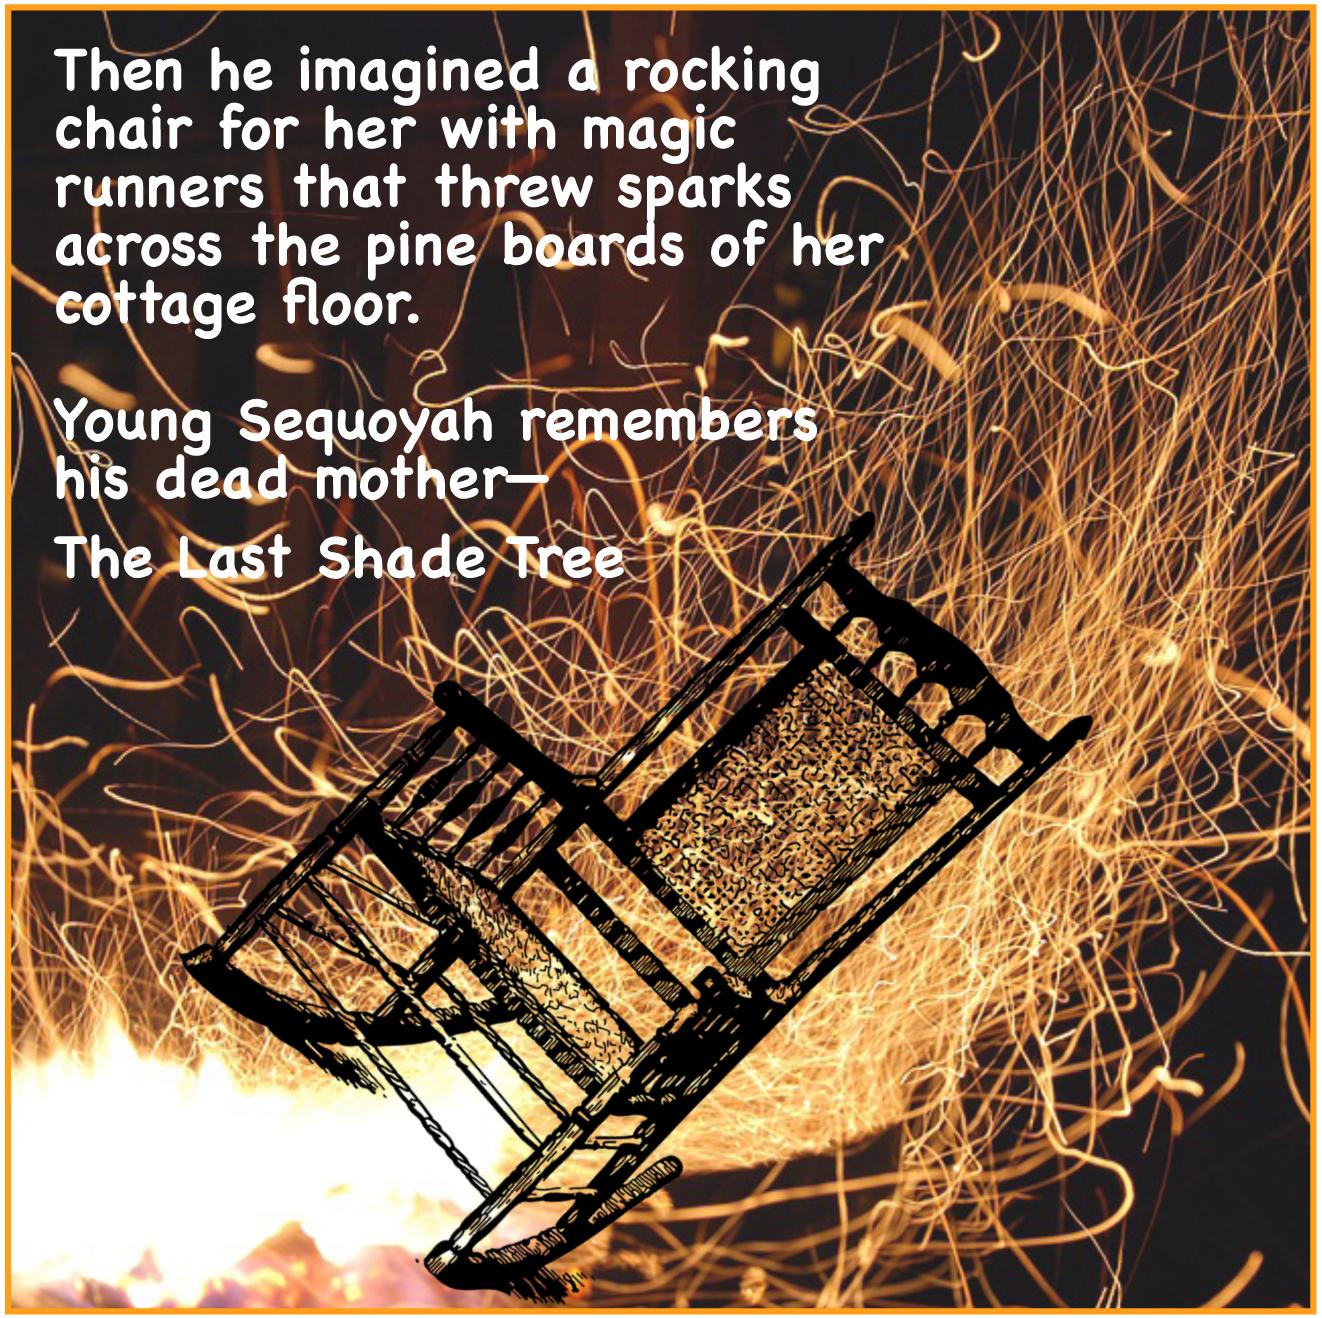 9 meme magic rocking chair.jpg